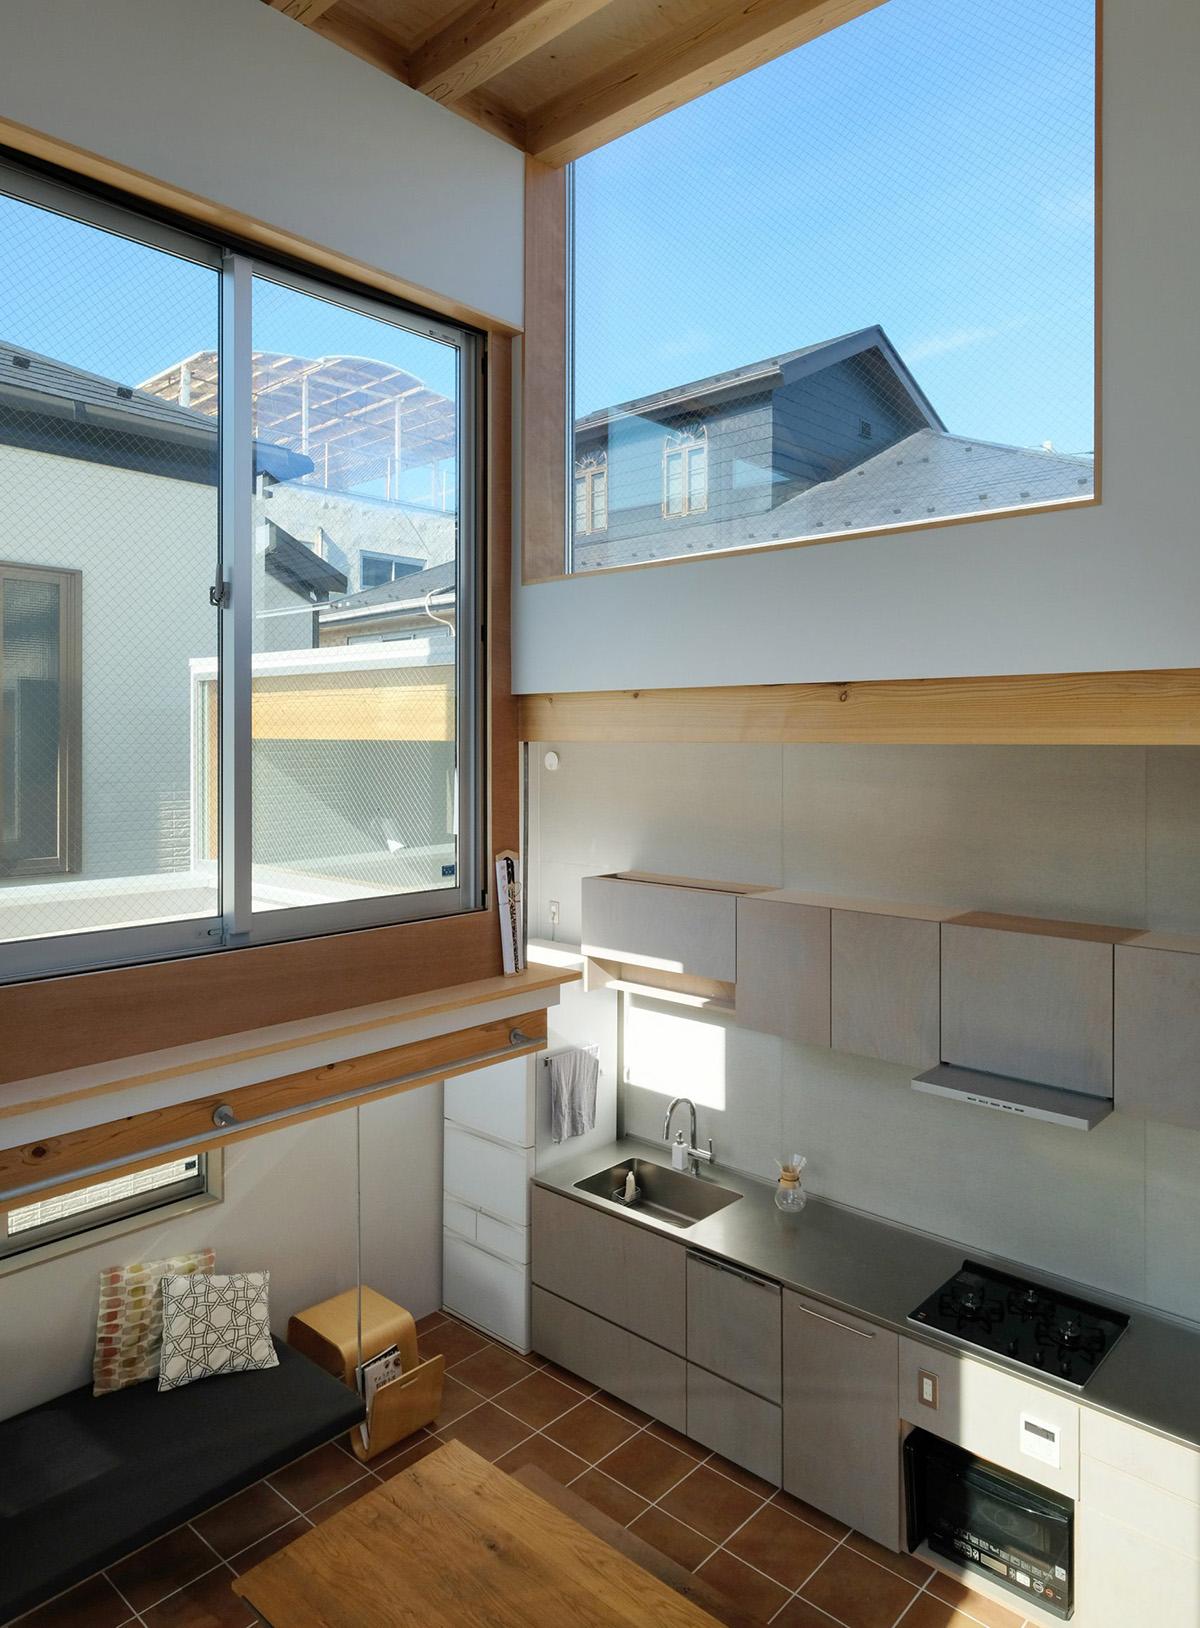 House-Tokyo-Unemori-Architects-Kai-Nakamura-03